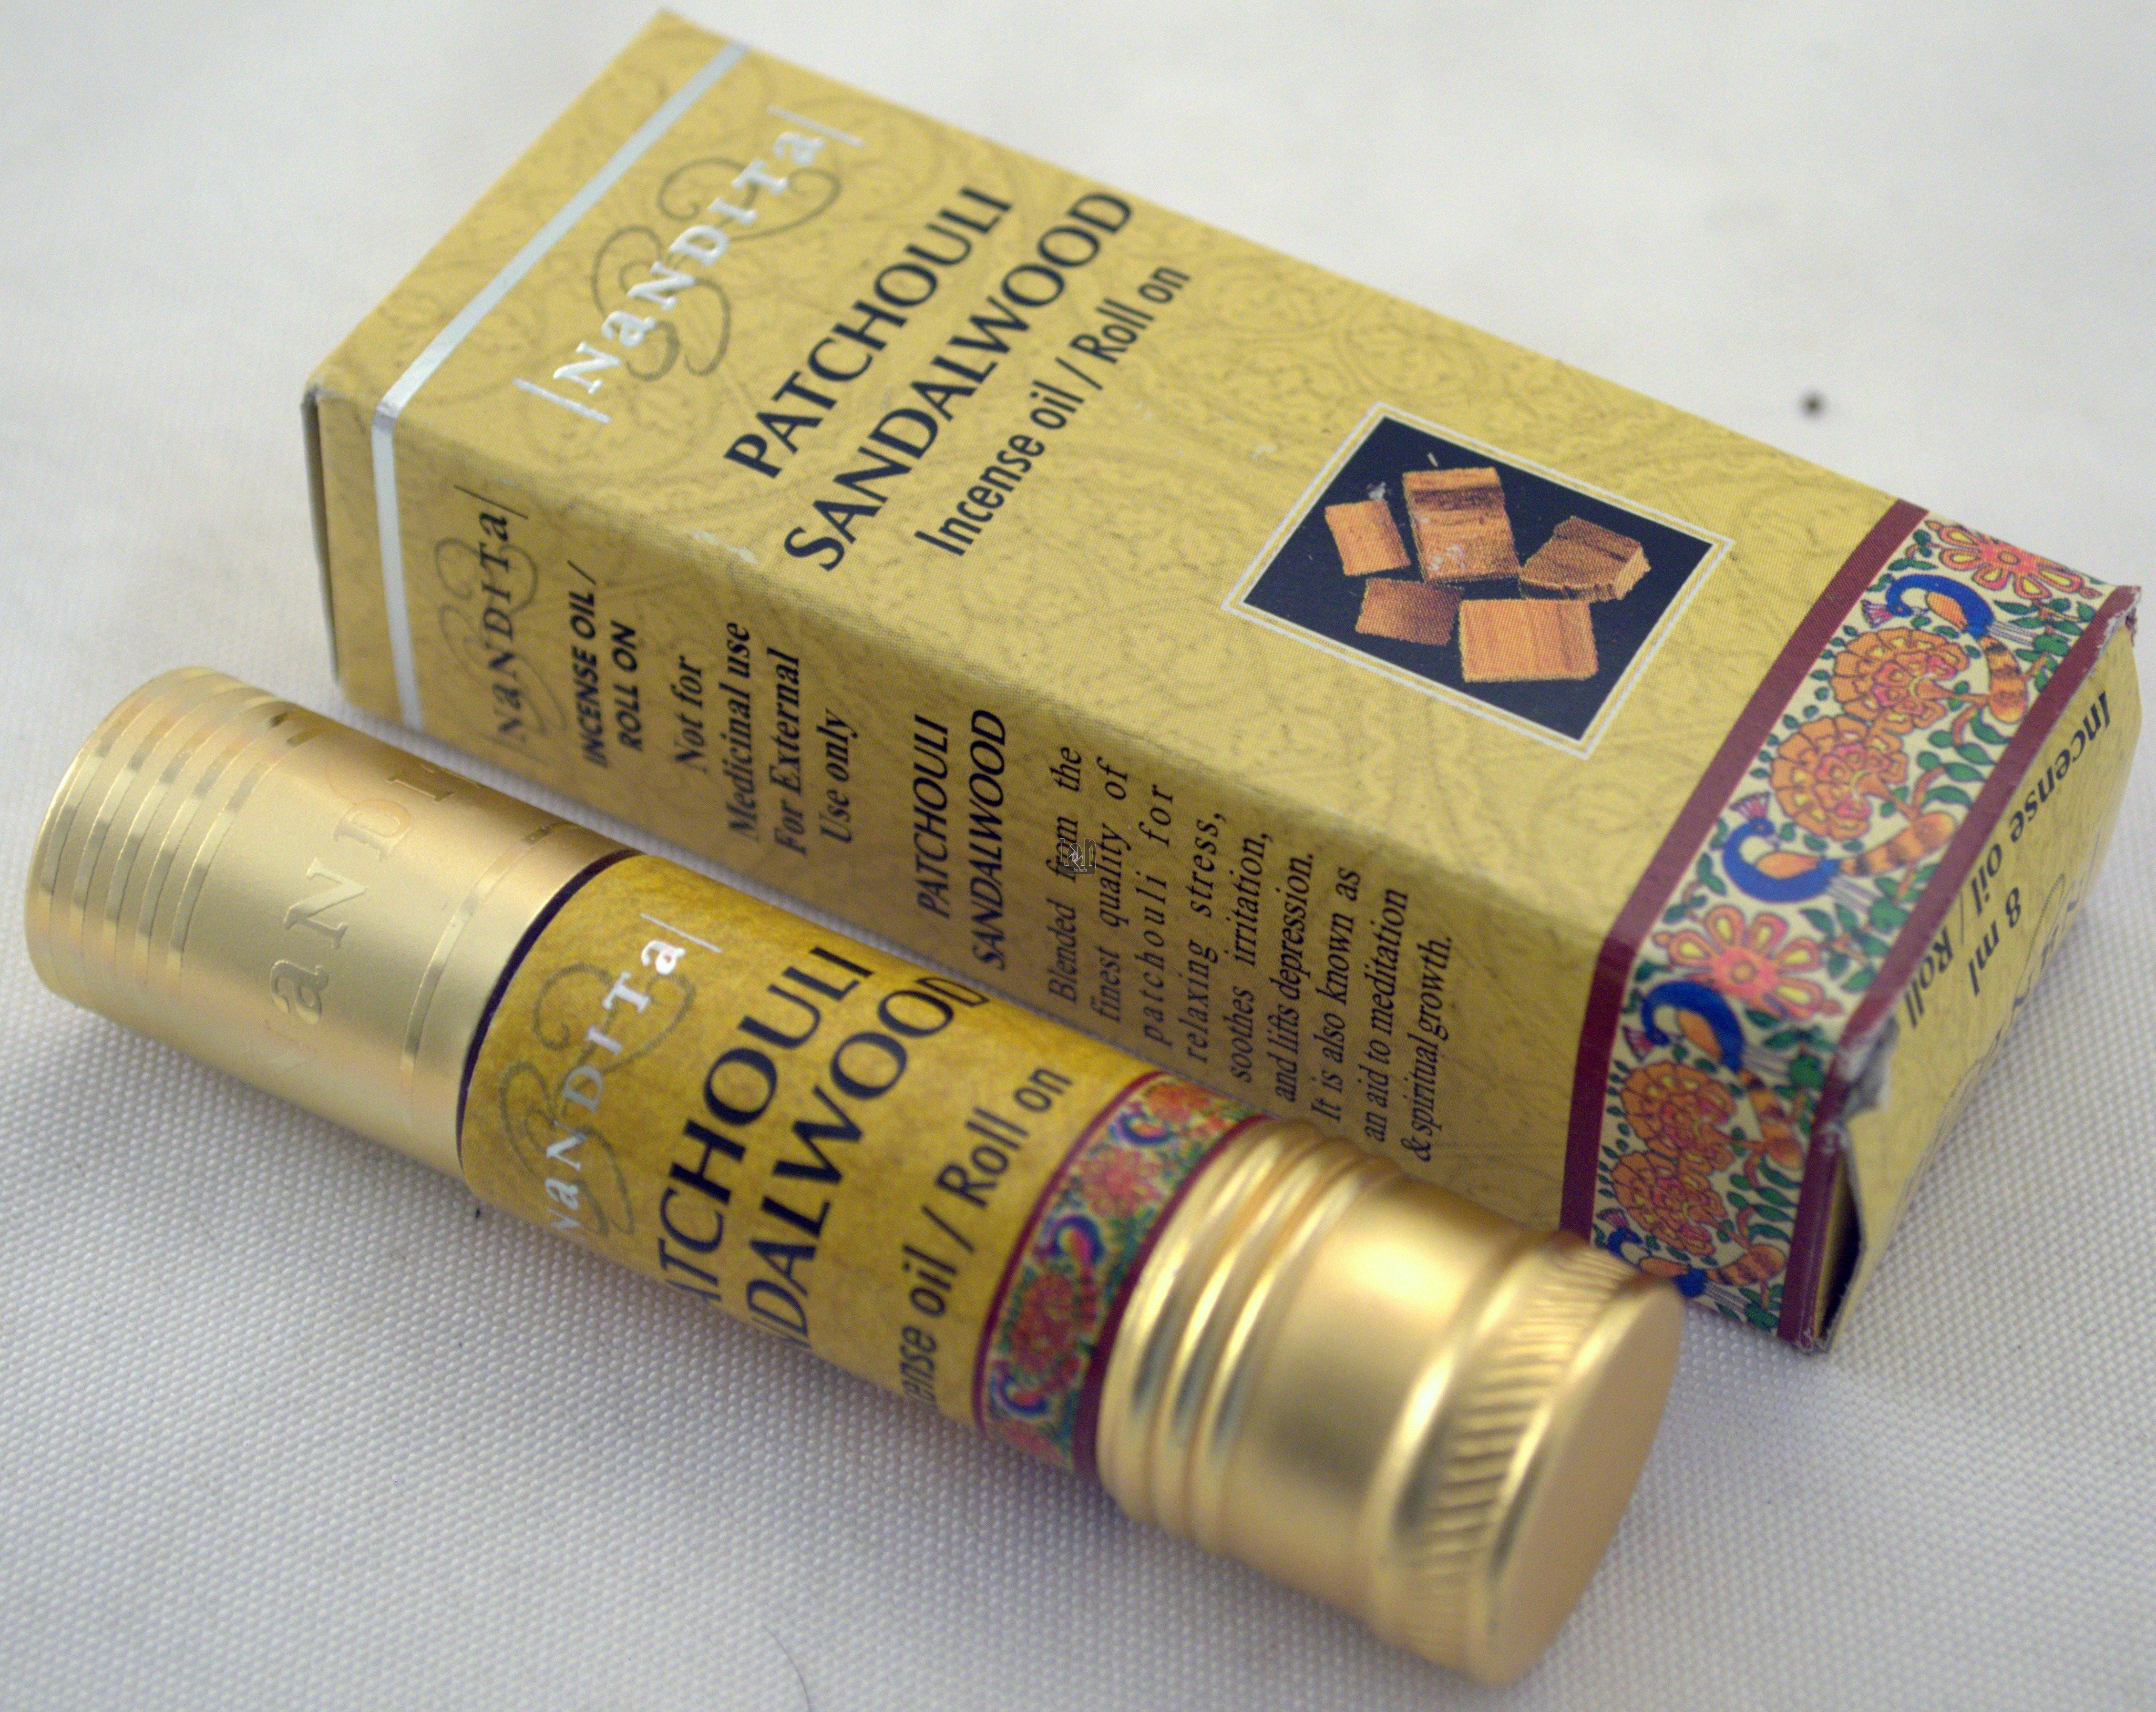 Patchouli Sandalwood Nandita Incense Oil 1/4oz Roll On Bottle